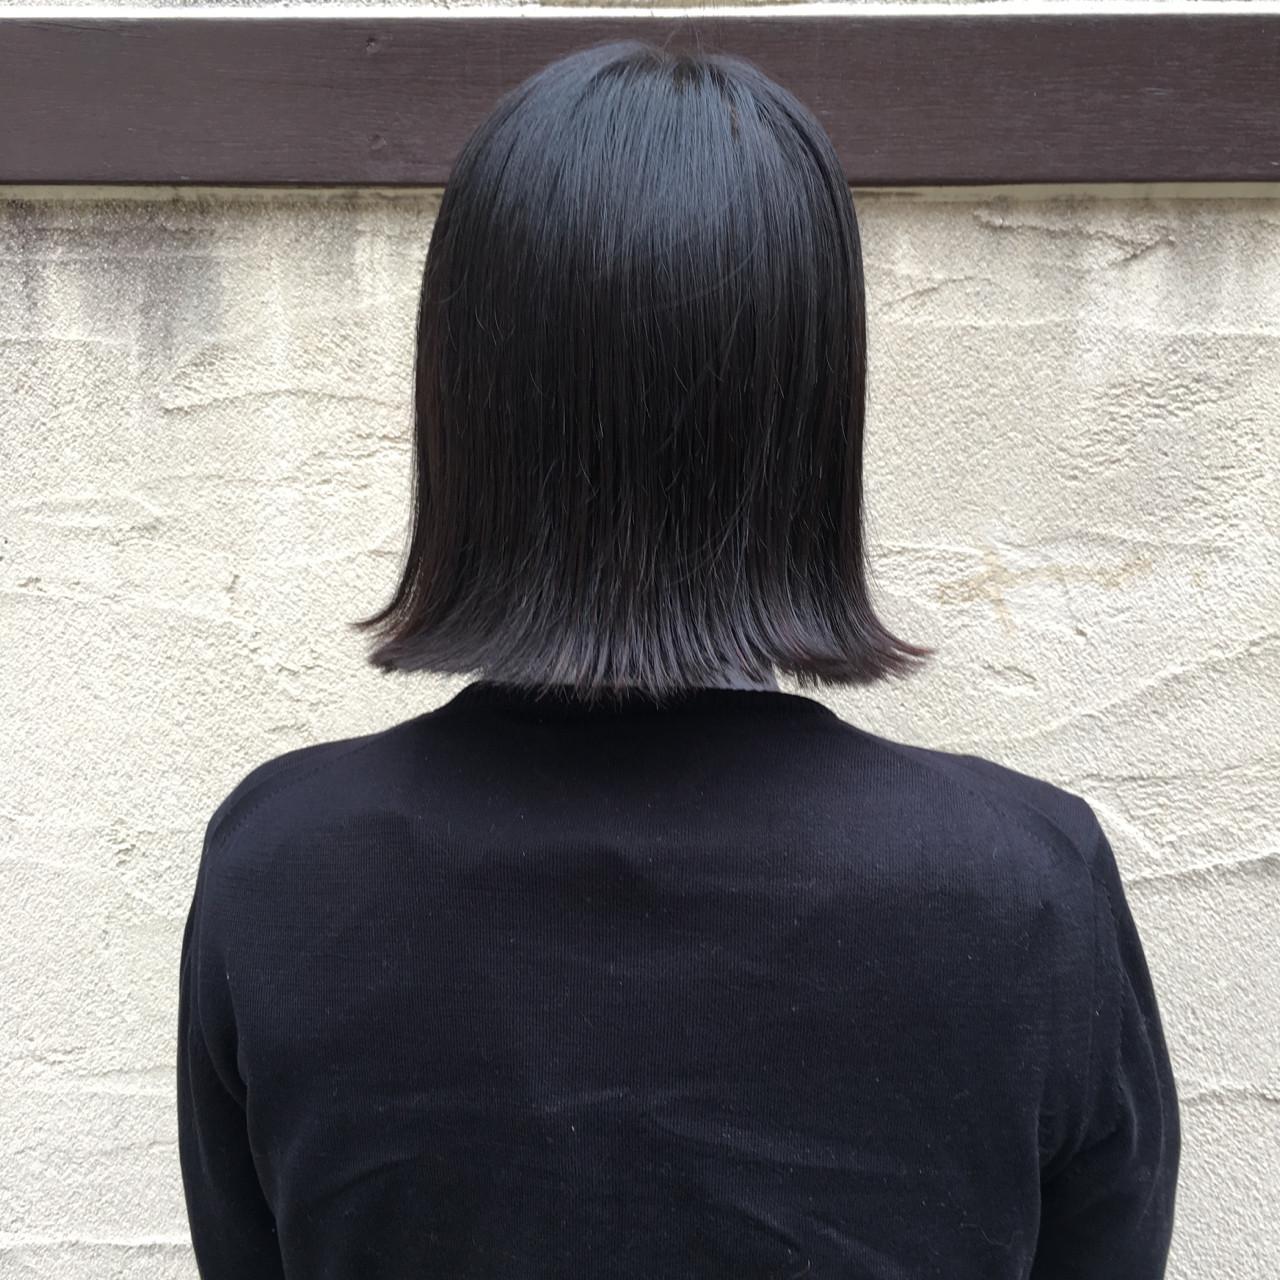 アッシュ ナチュラル こなれ感 色気 ヘアスタイルや髪型の写真・画像